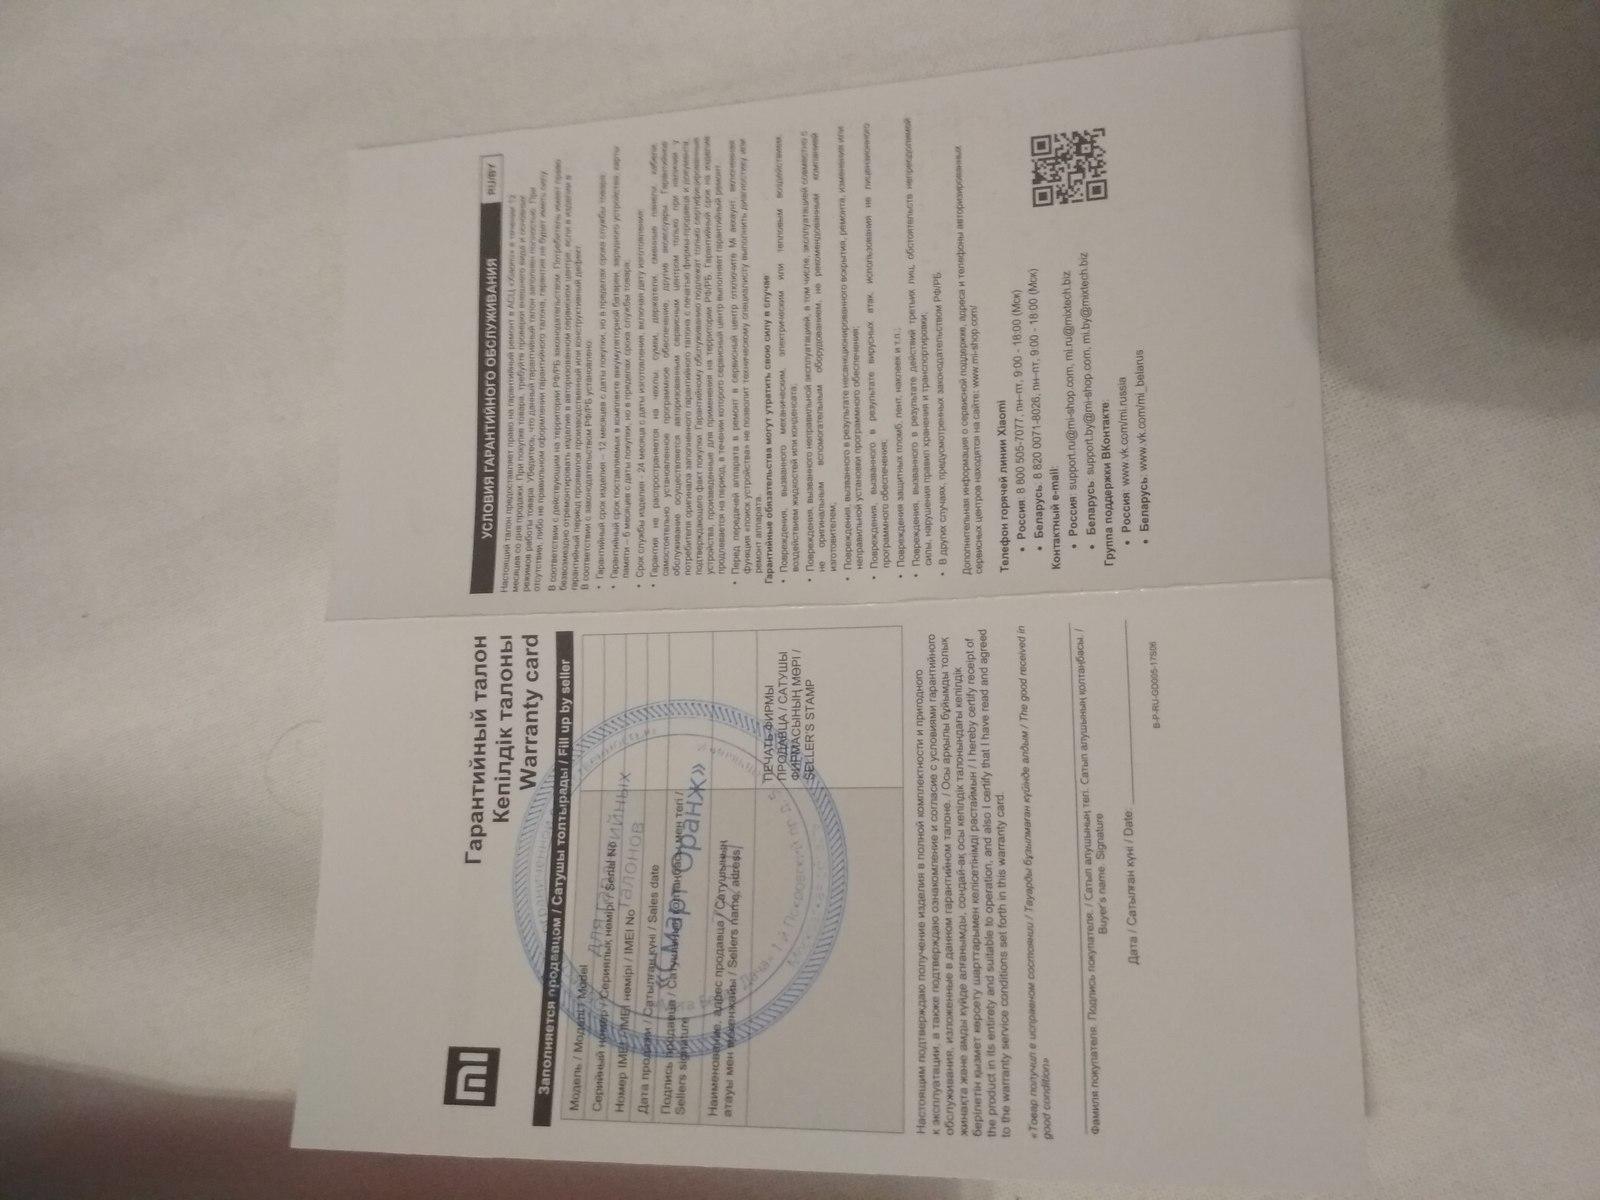 ипотека онлайн заявка во все банки одобрение онлайн